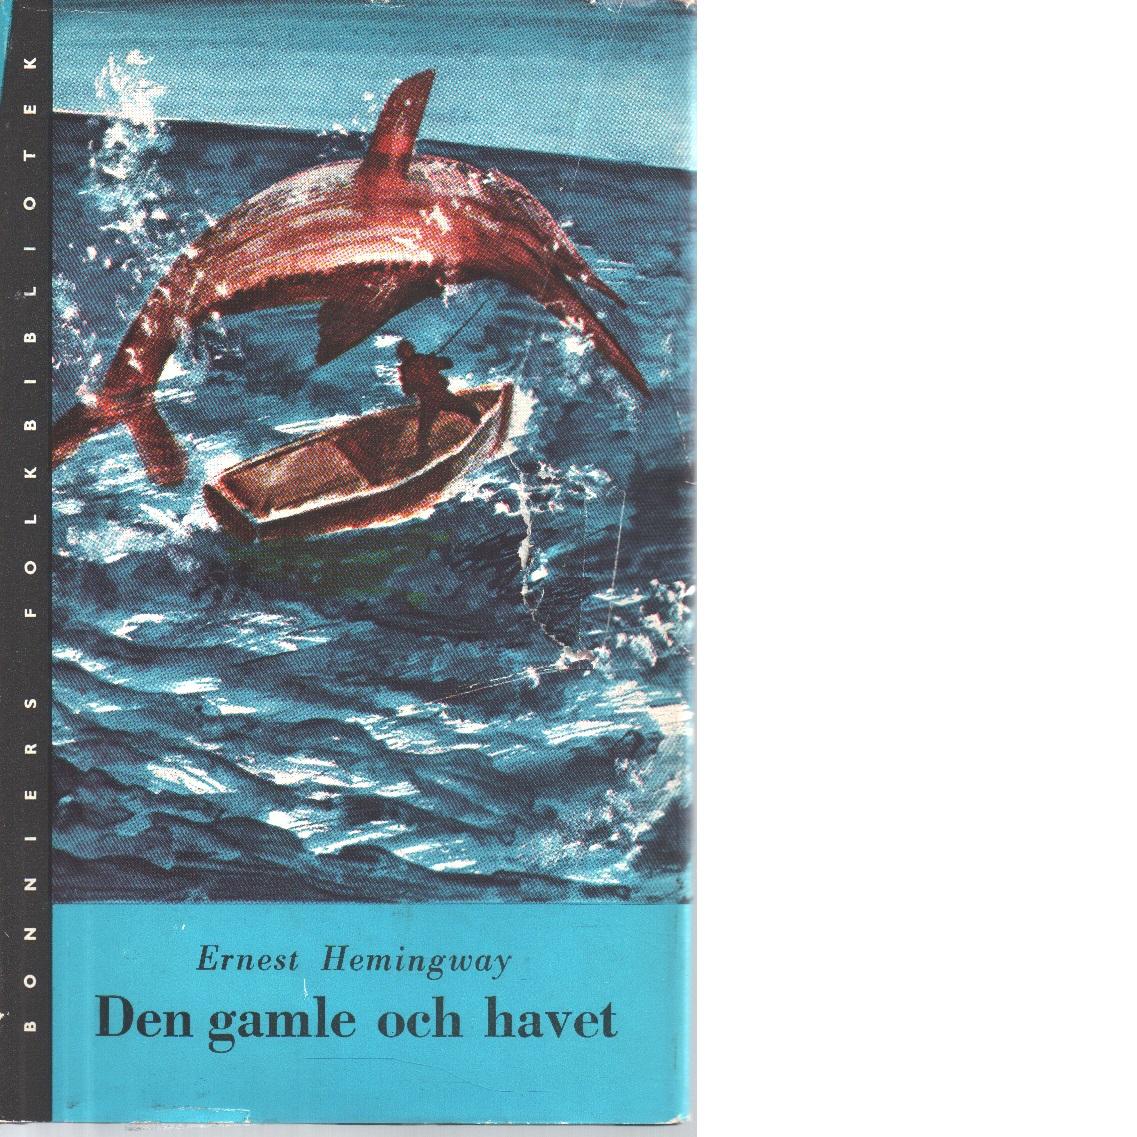 Den gamle och havet - Hemingway, Ernest